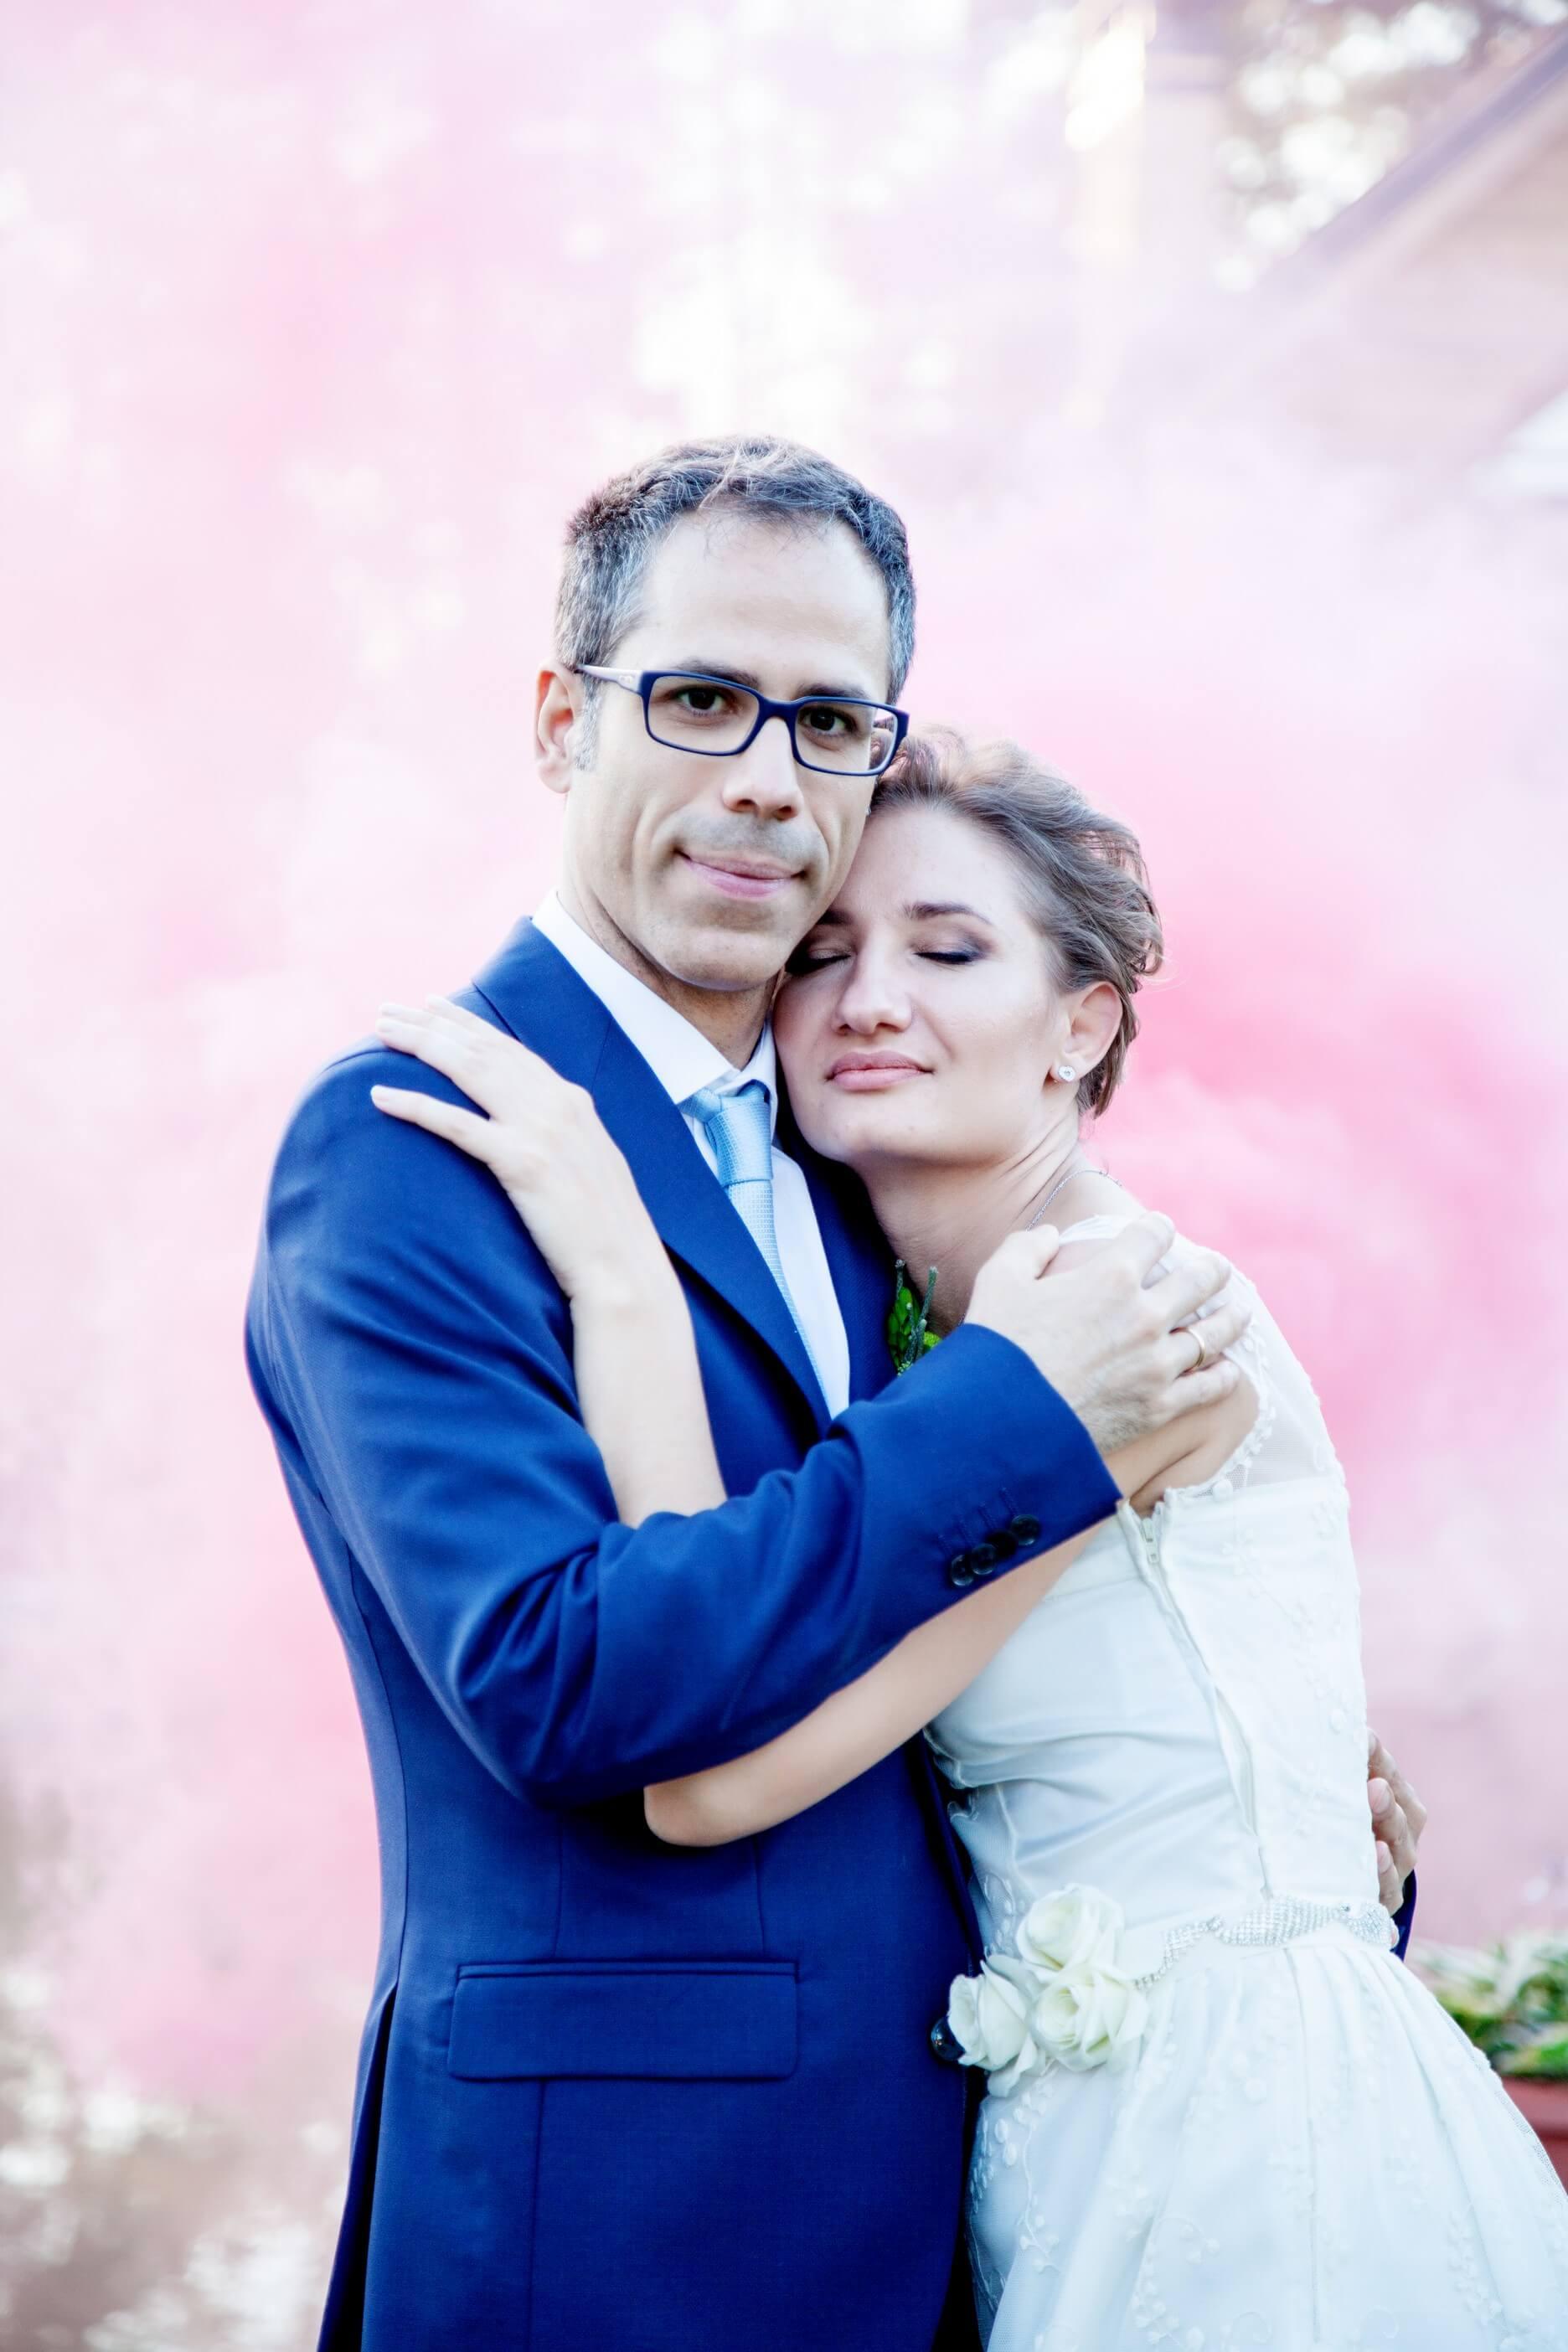 svadebnaja fotosessija s dymovymi shashkami (8)